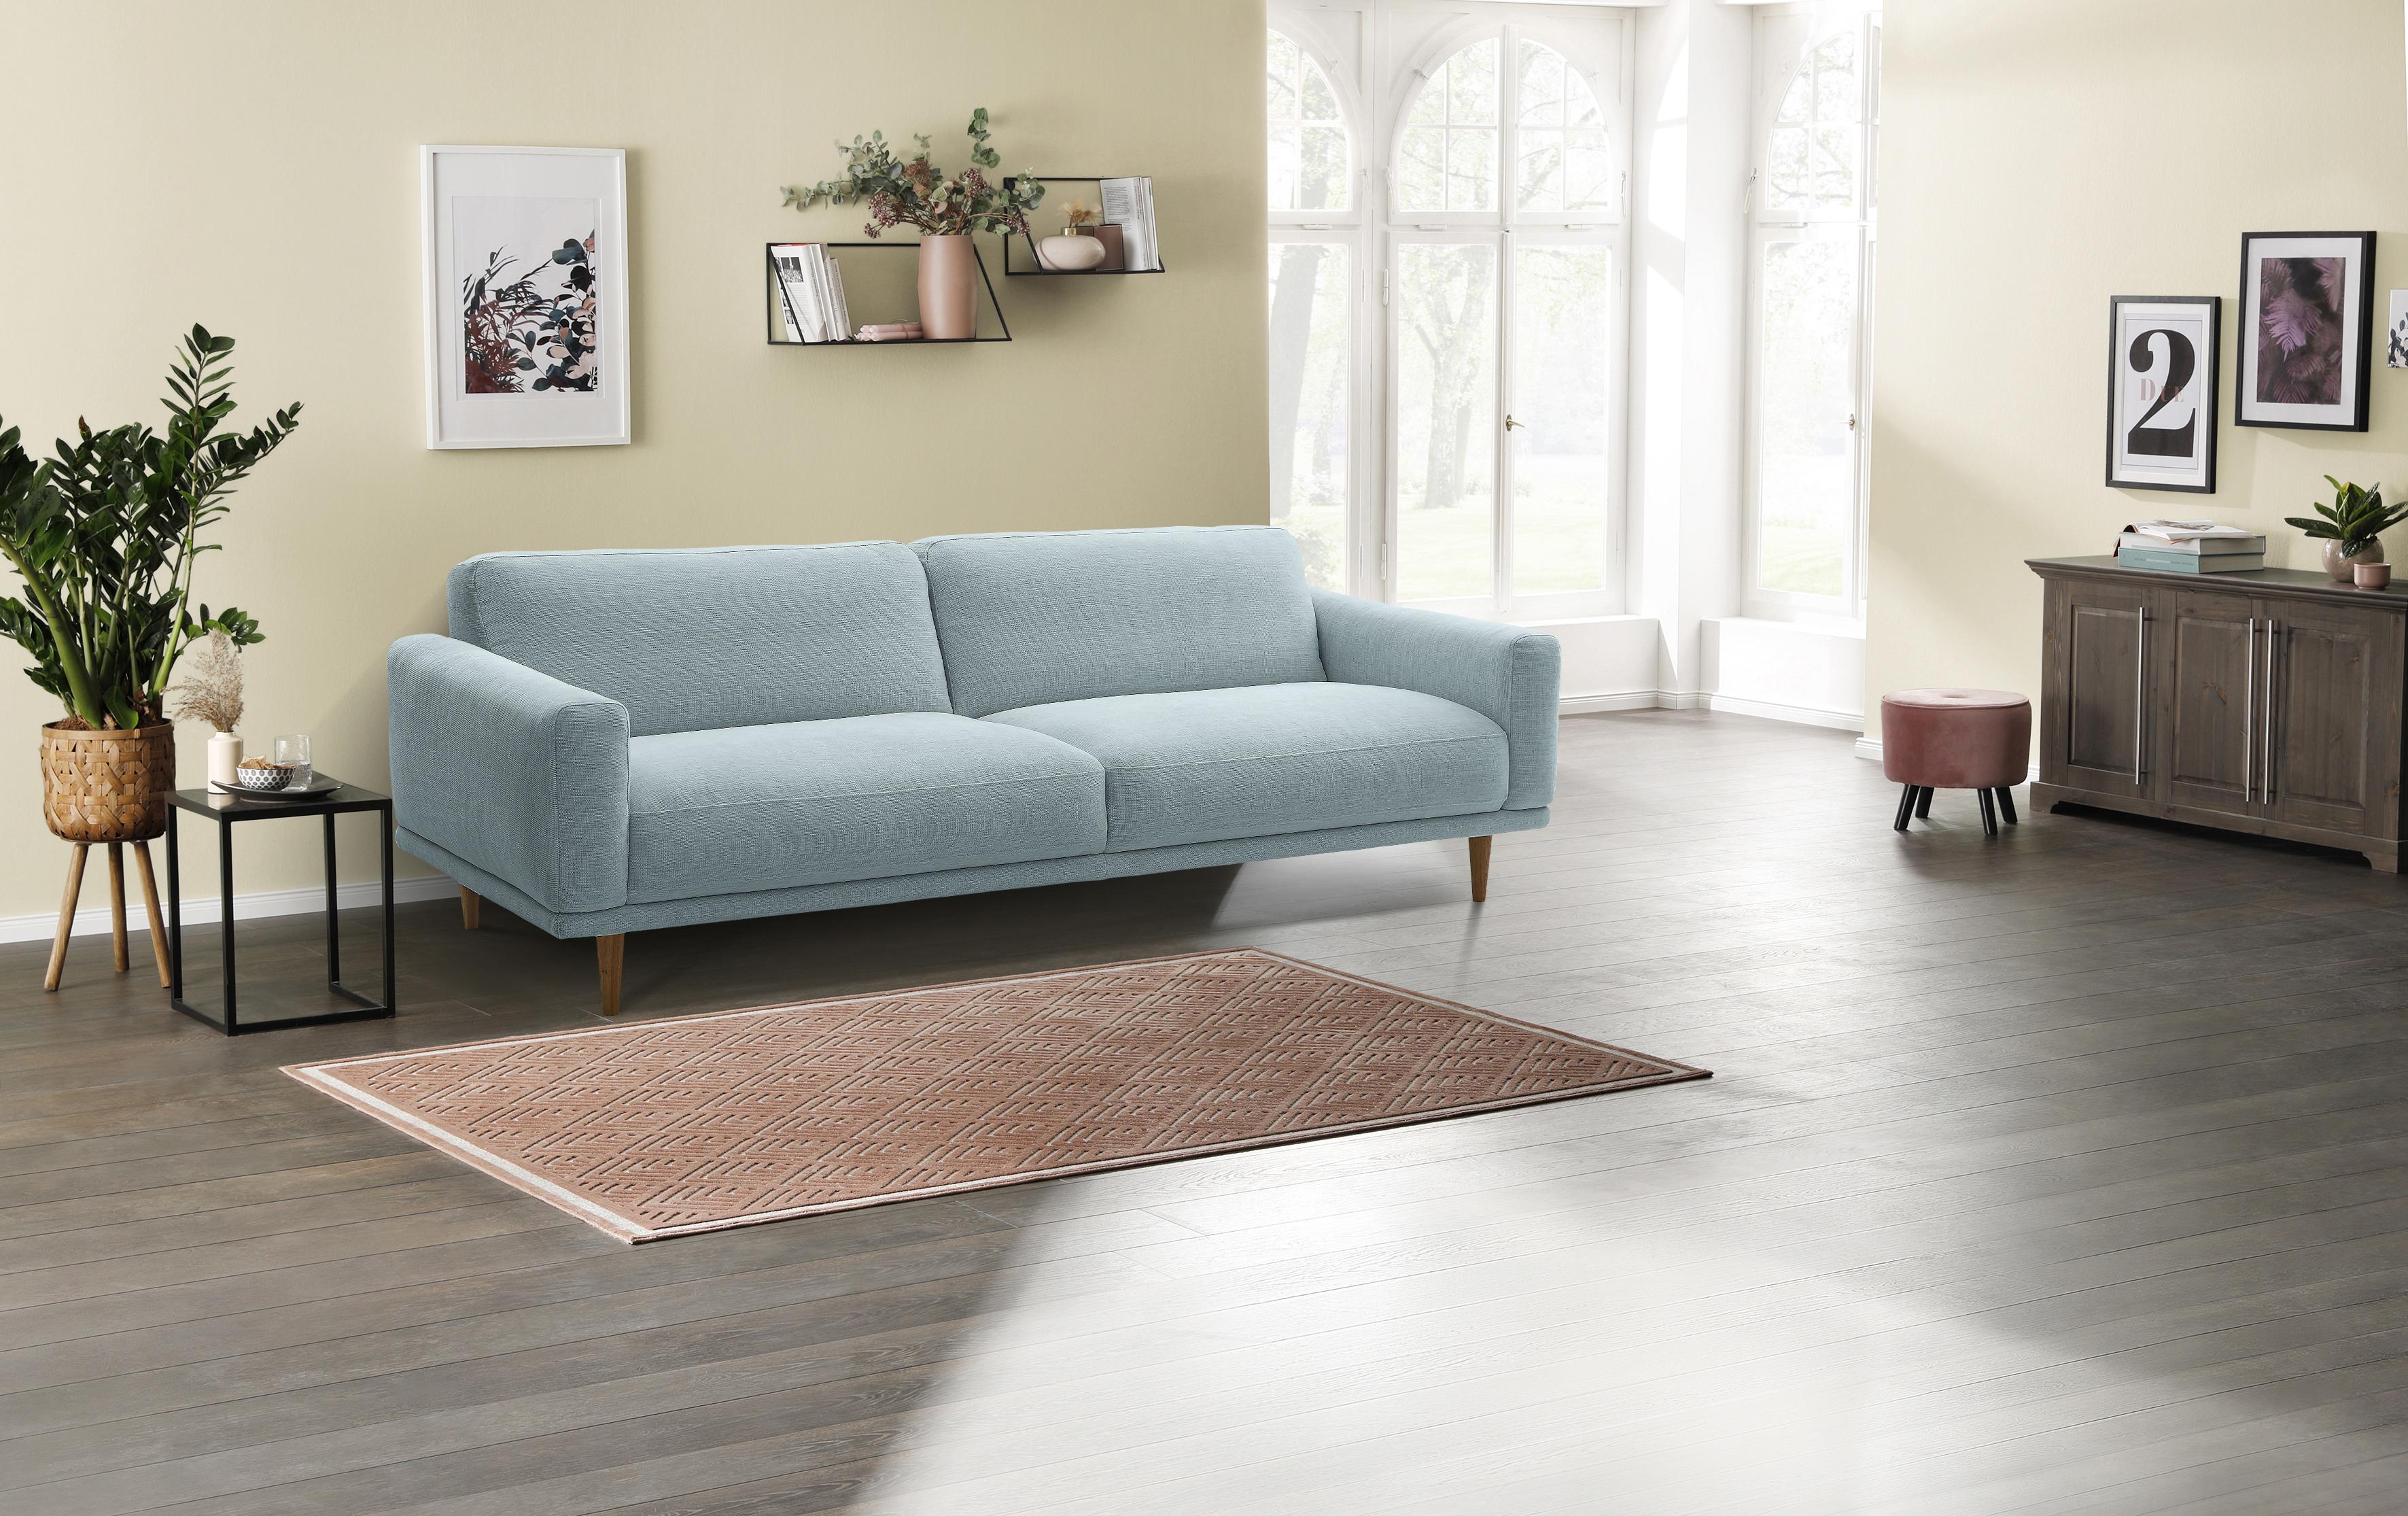 2 3 Sitzer Sofas Online Kaufen Mobel Suchmaschine Ladendirekt De